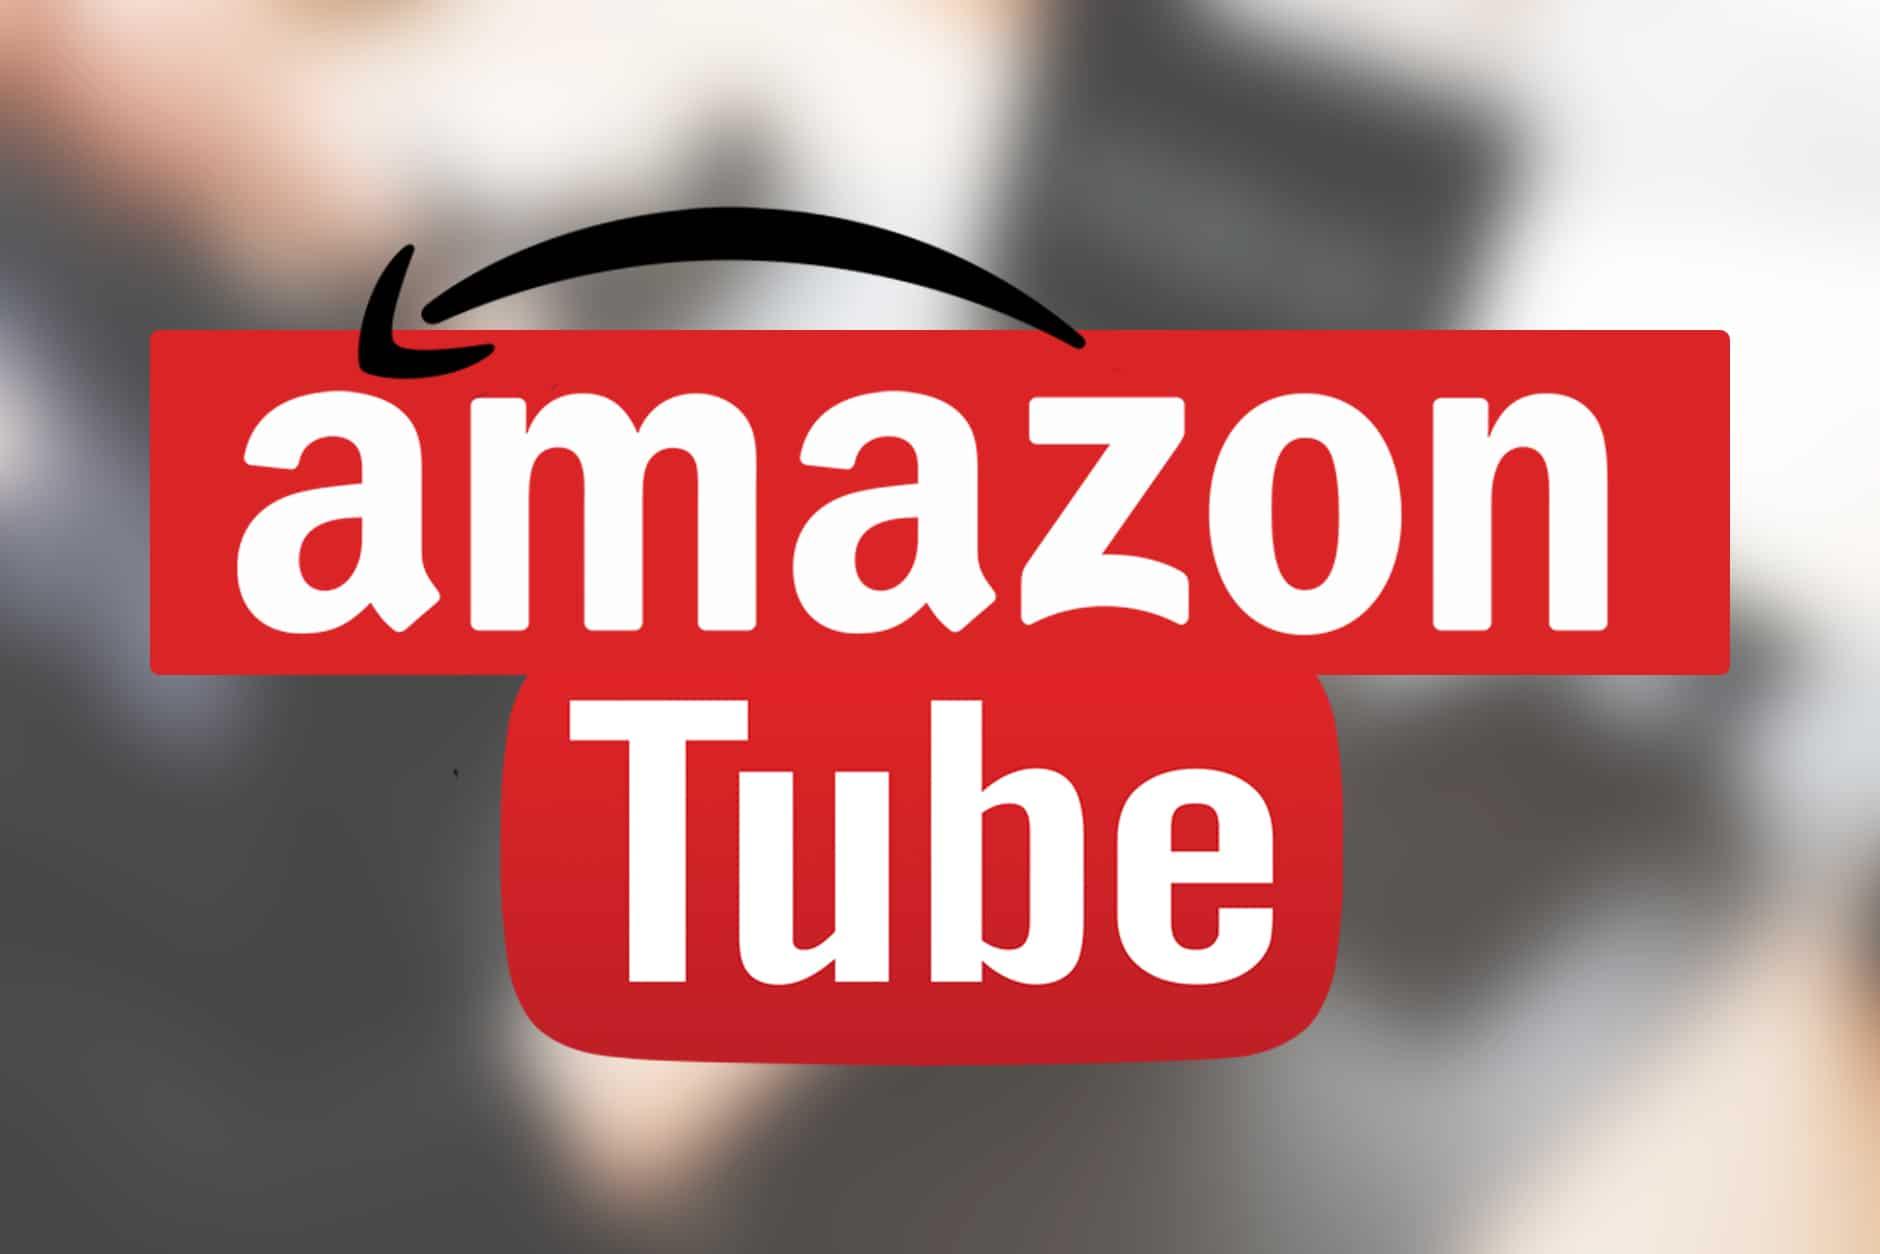 amazontube أمازون تيوب نتيجة غطرسة جوجل ودعم إضافي لأزمة يوتيوب